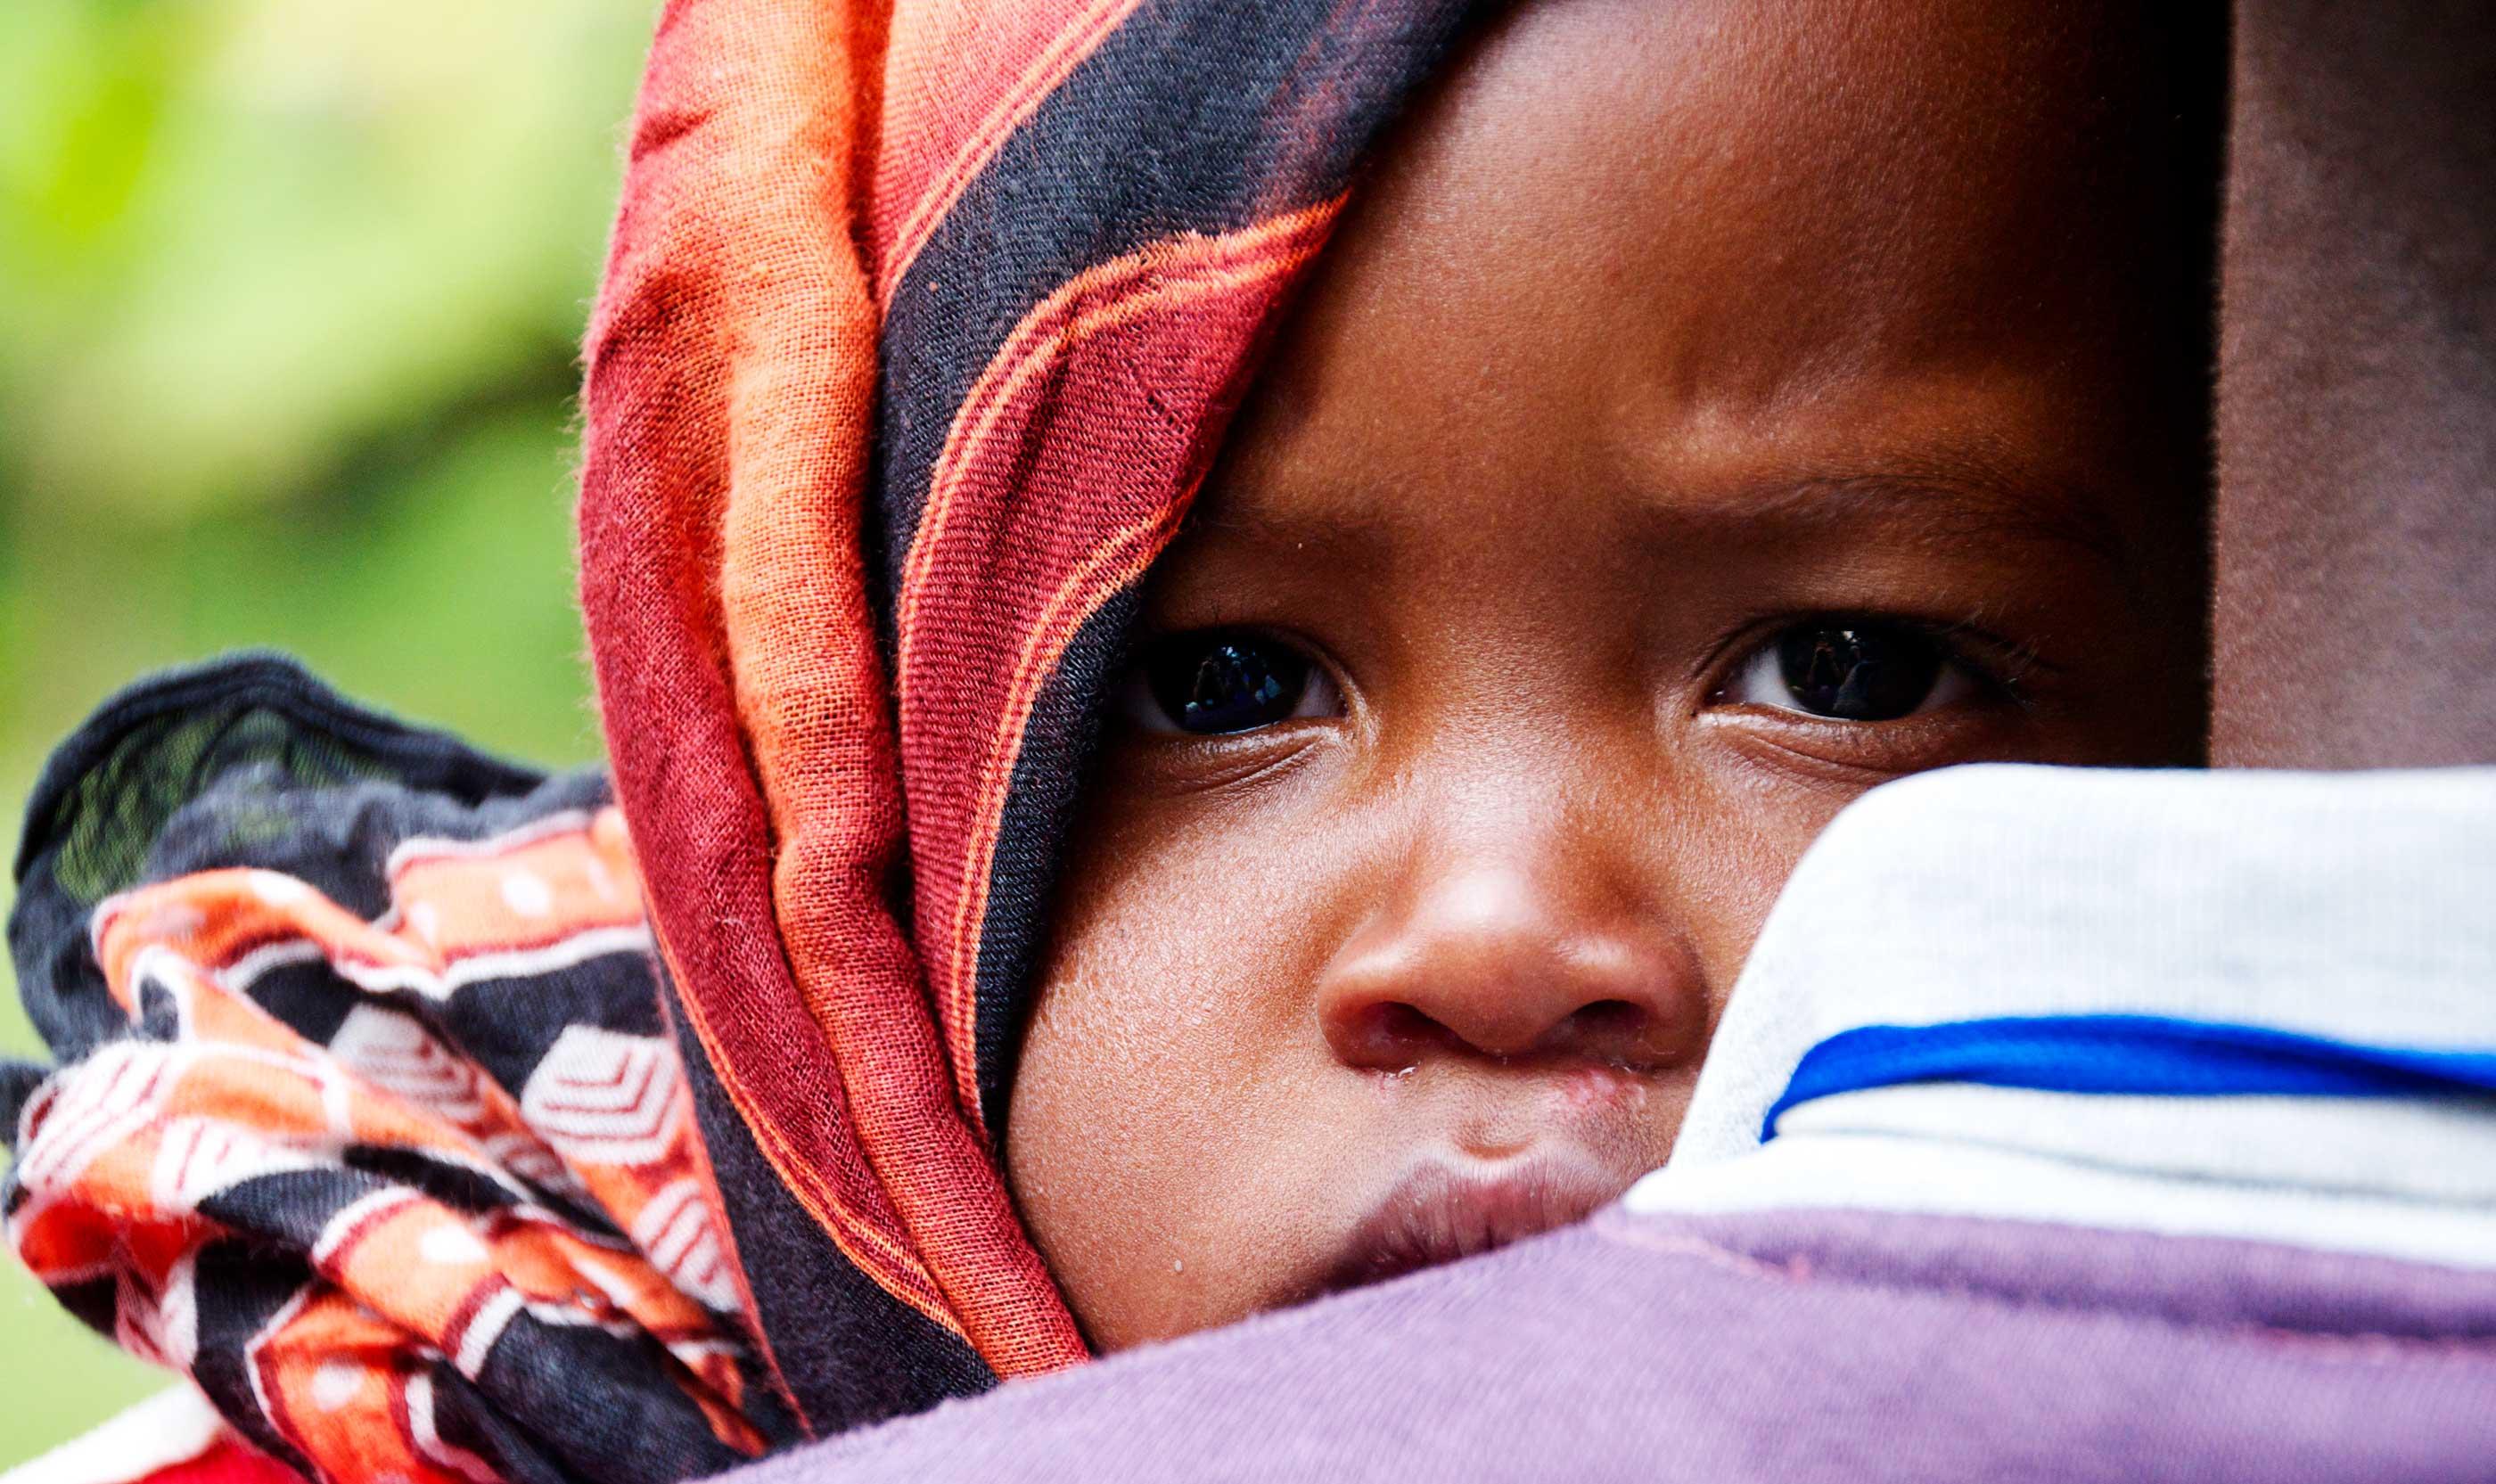 A Child In Tanzania